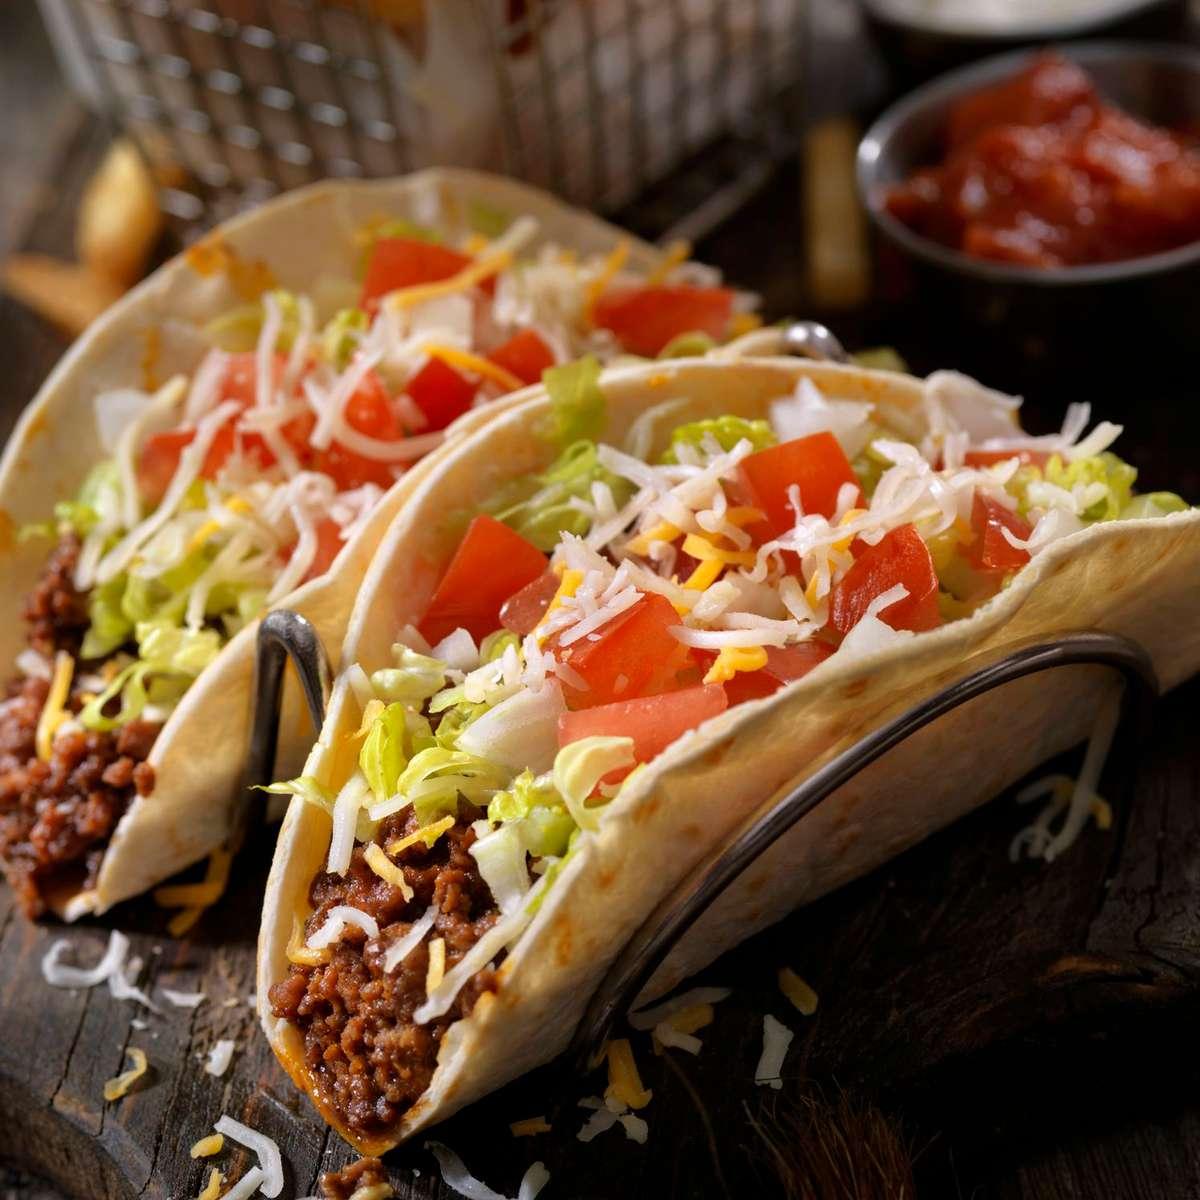 Tacos (Steak) - ala carte $3